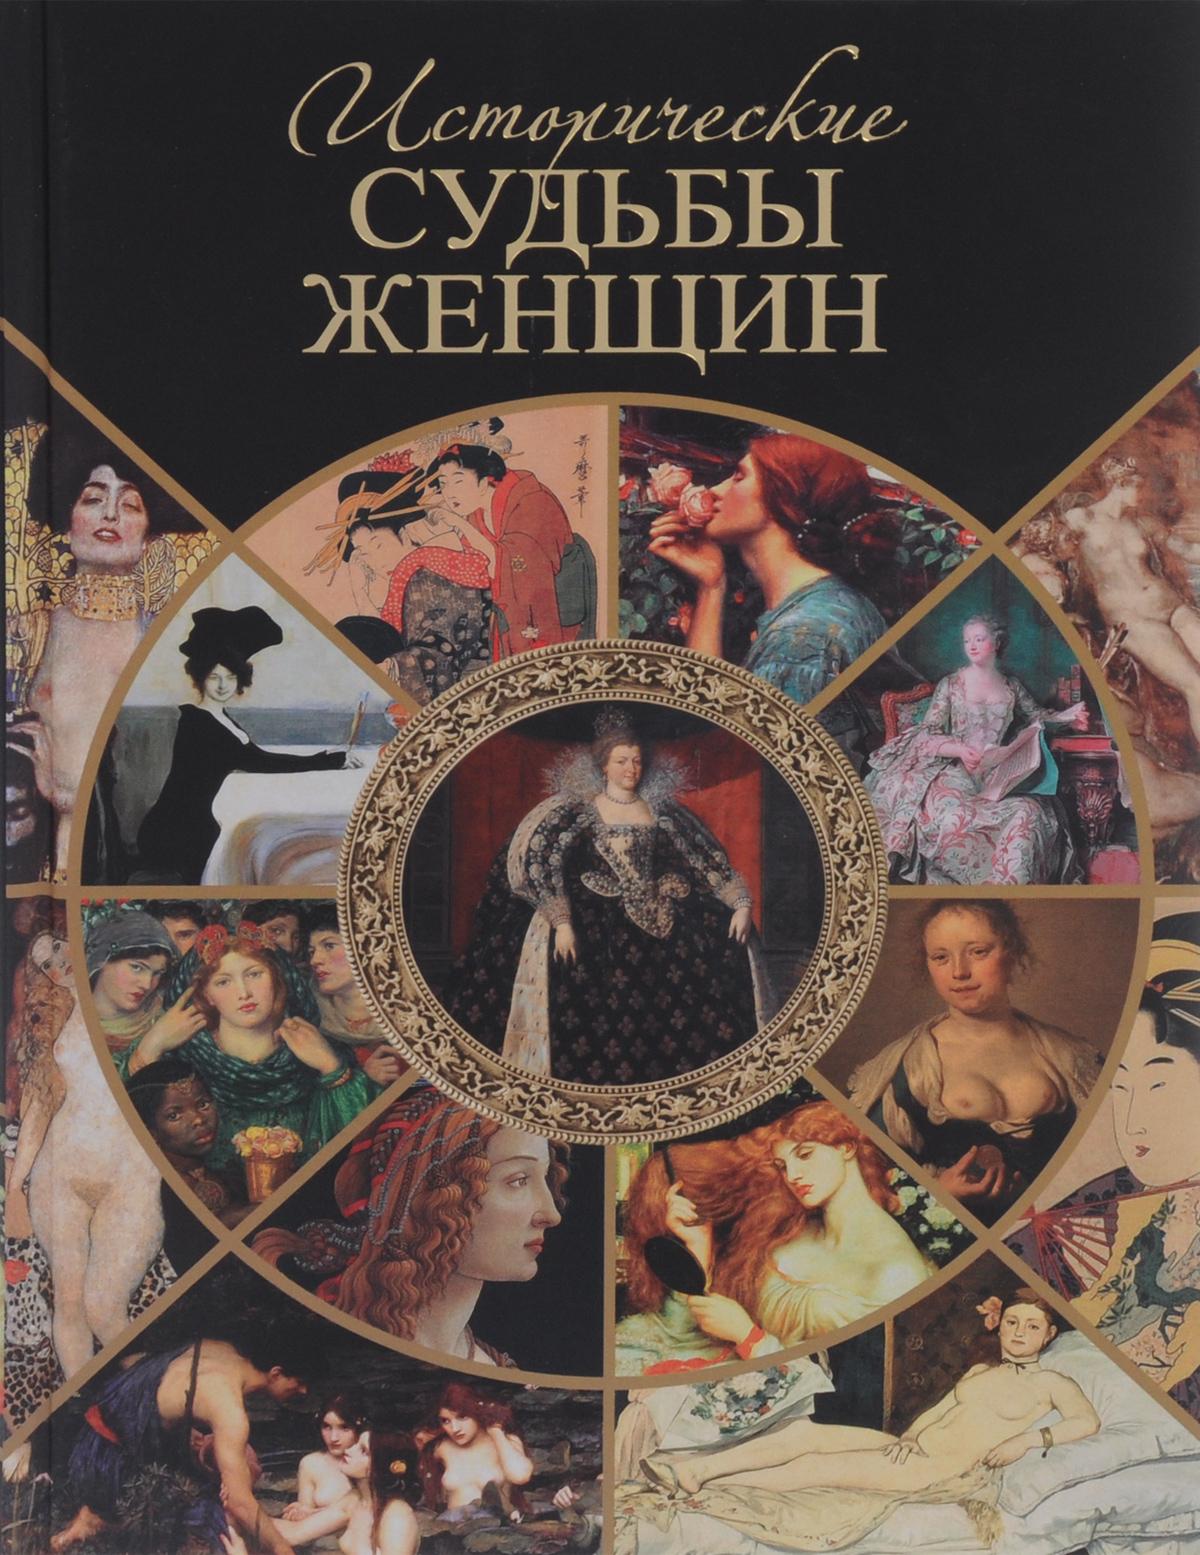 Серафим Шашков Исторические судьбы женщин